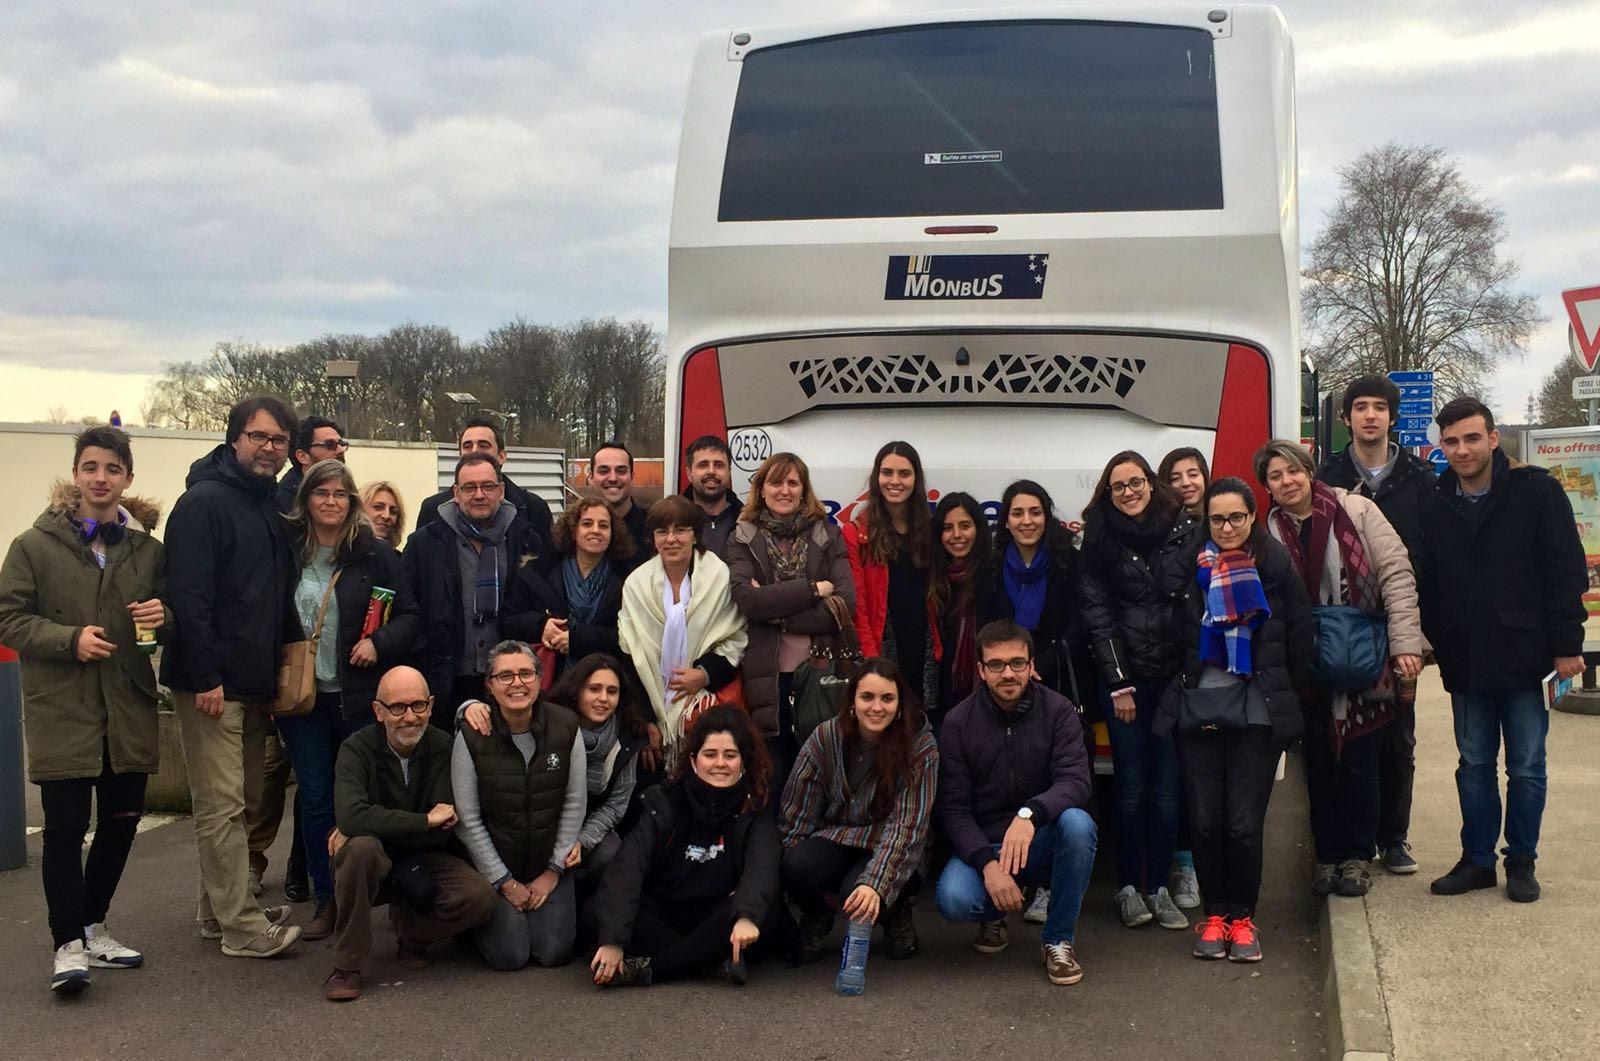 Grup de catalans que va abandonar Brussel·les en autocar, després dels atemptats